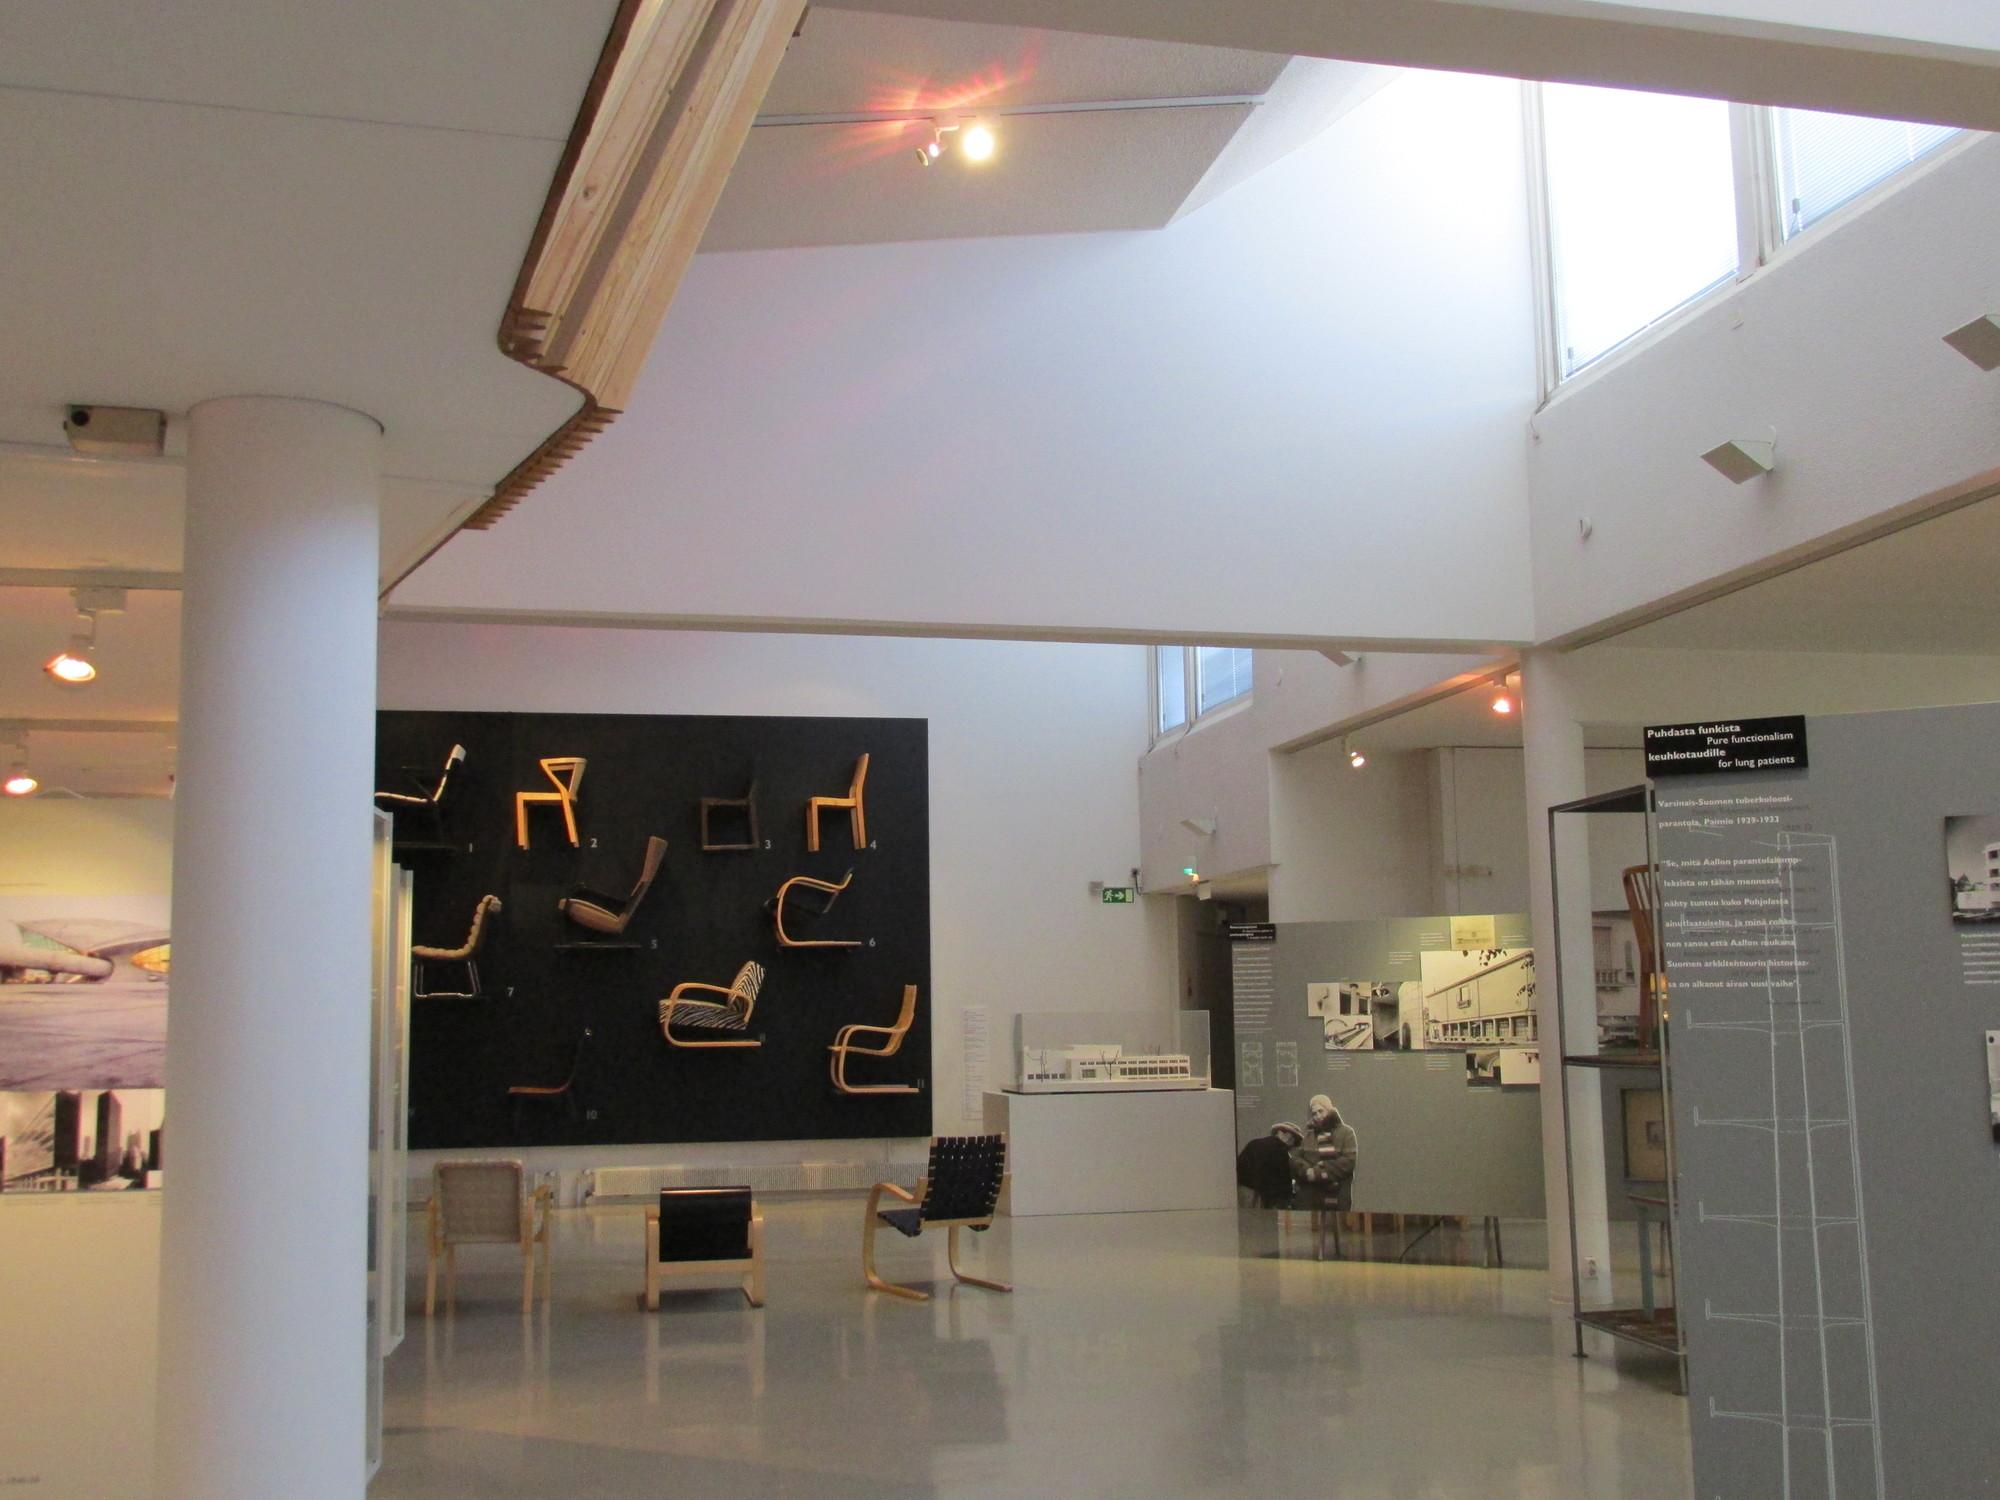 Museo de Alvar Aalto. Image © Karina Nogales